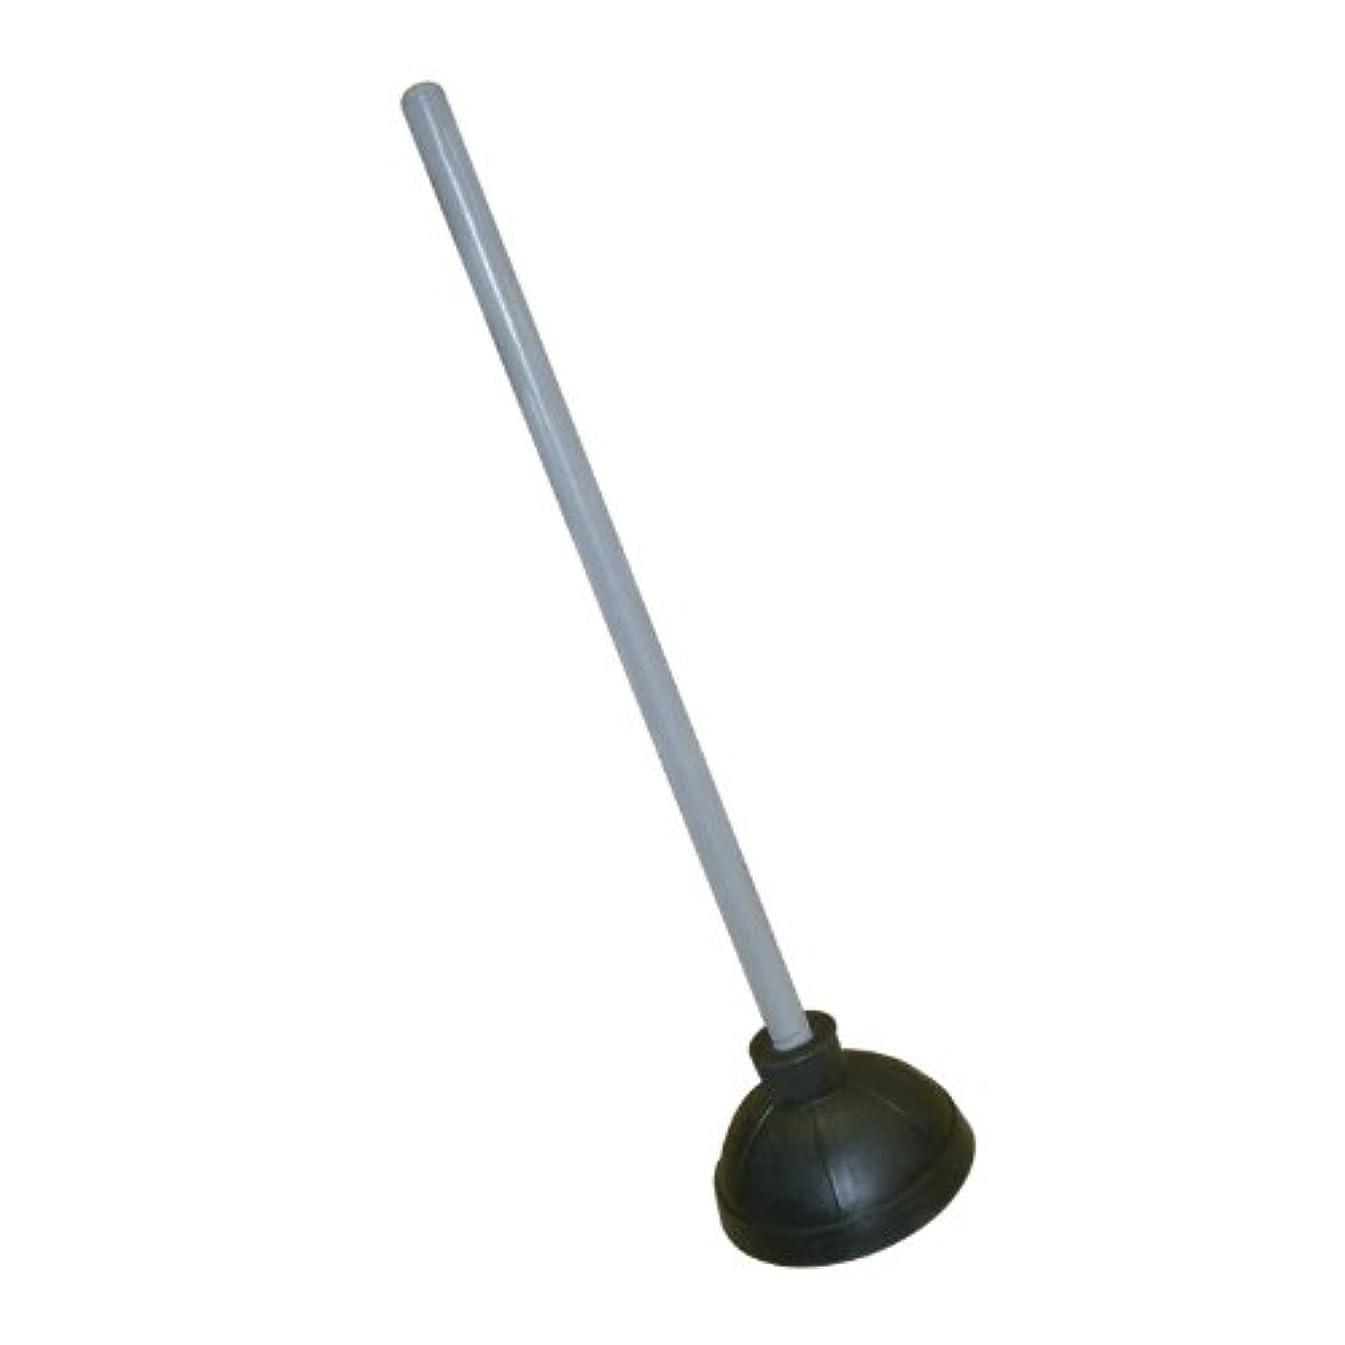 ねじれ装置退屈させるExcellante Plastic Plunger with 21-Inch Long Wooden Handle, Black by Excellant